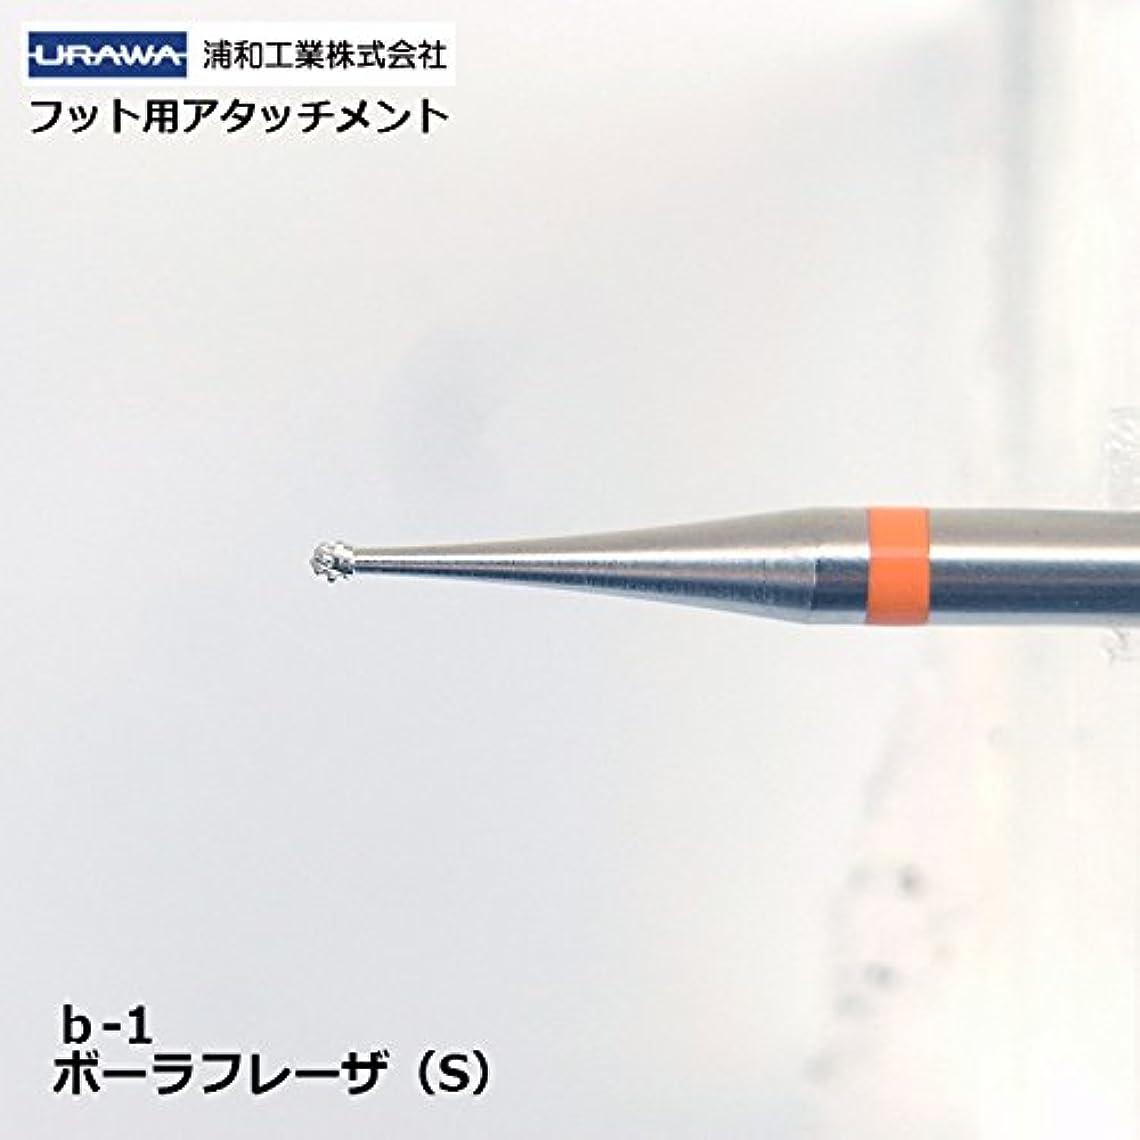 生き返らせる測定雇用【URAWA】ボーラフレーザーS(b-1)【フット用アタッチメント】